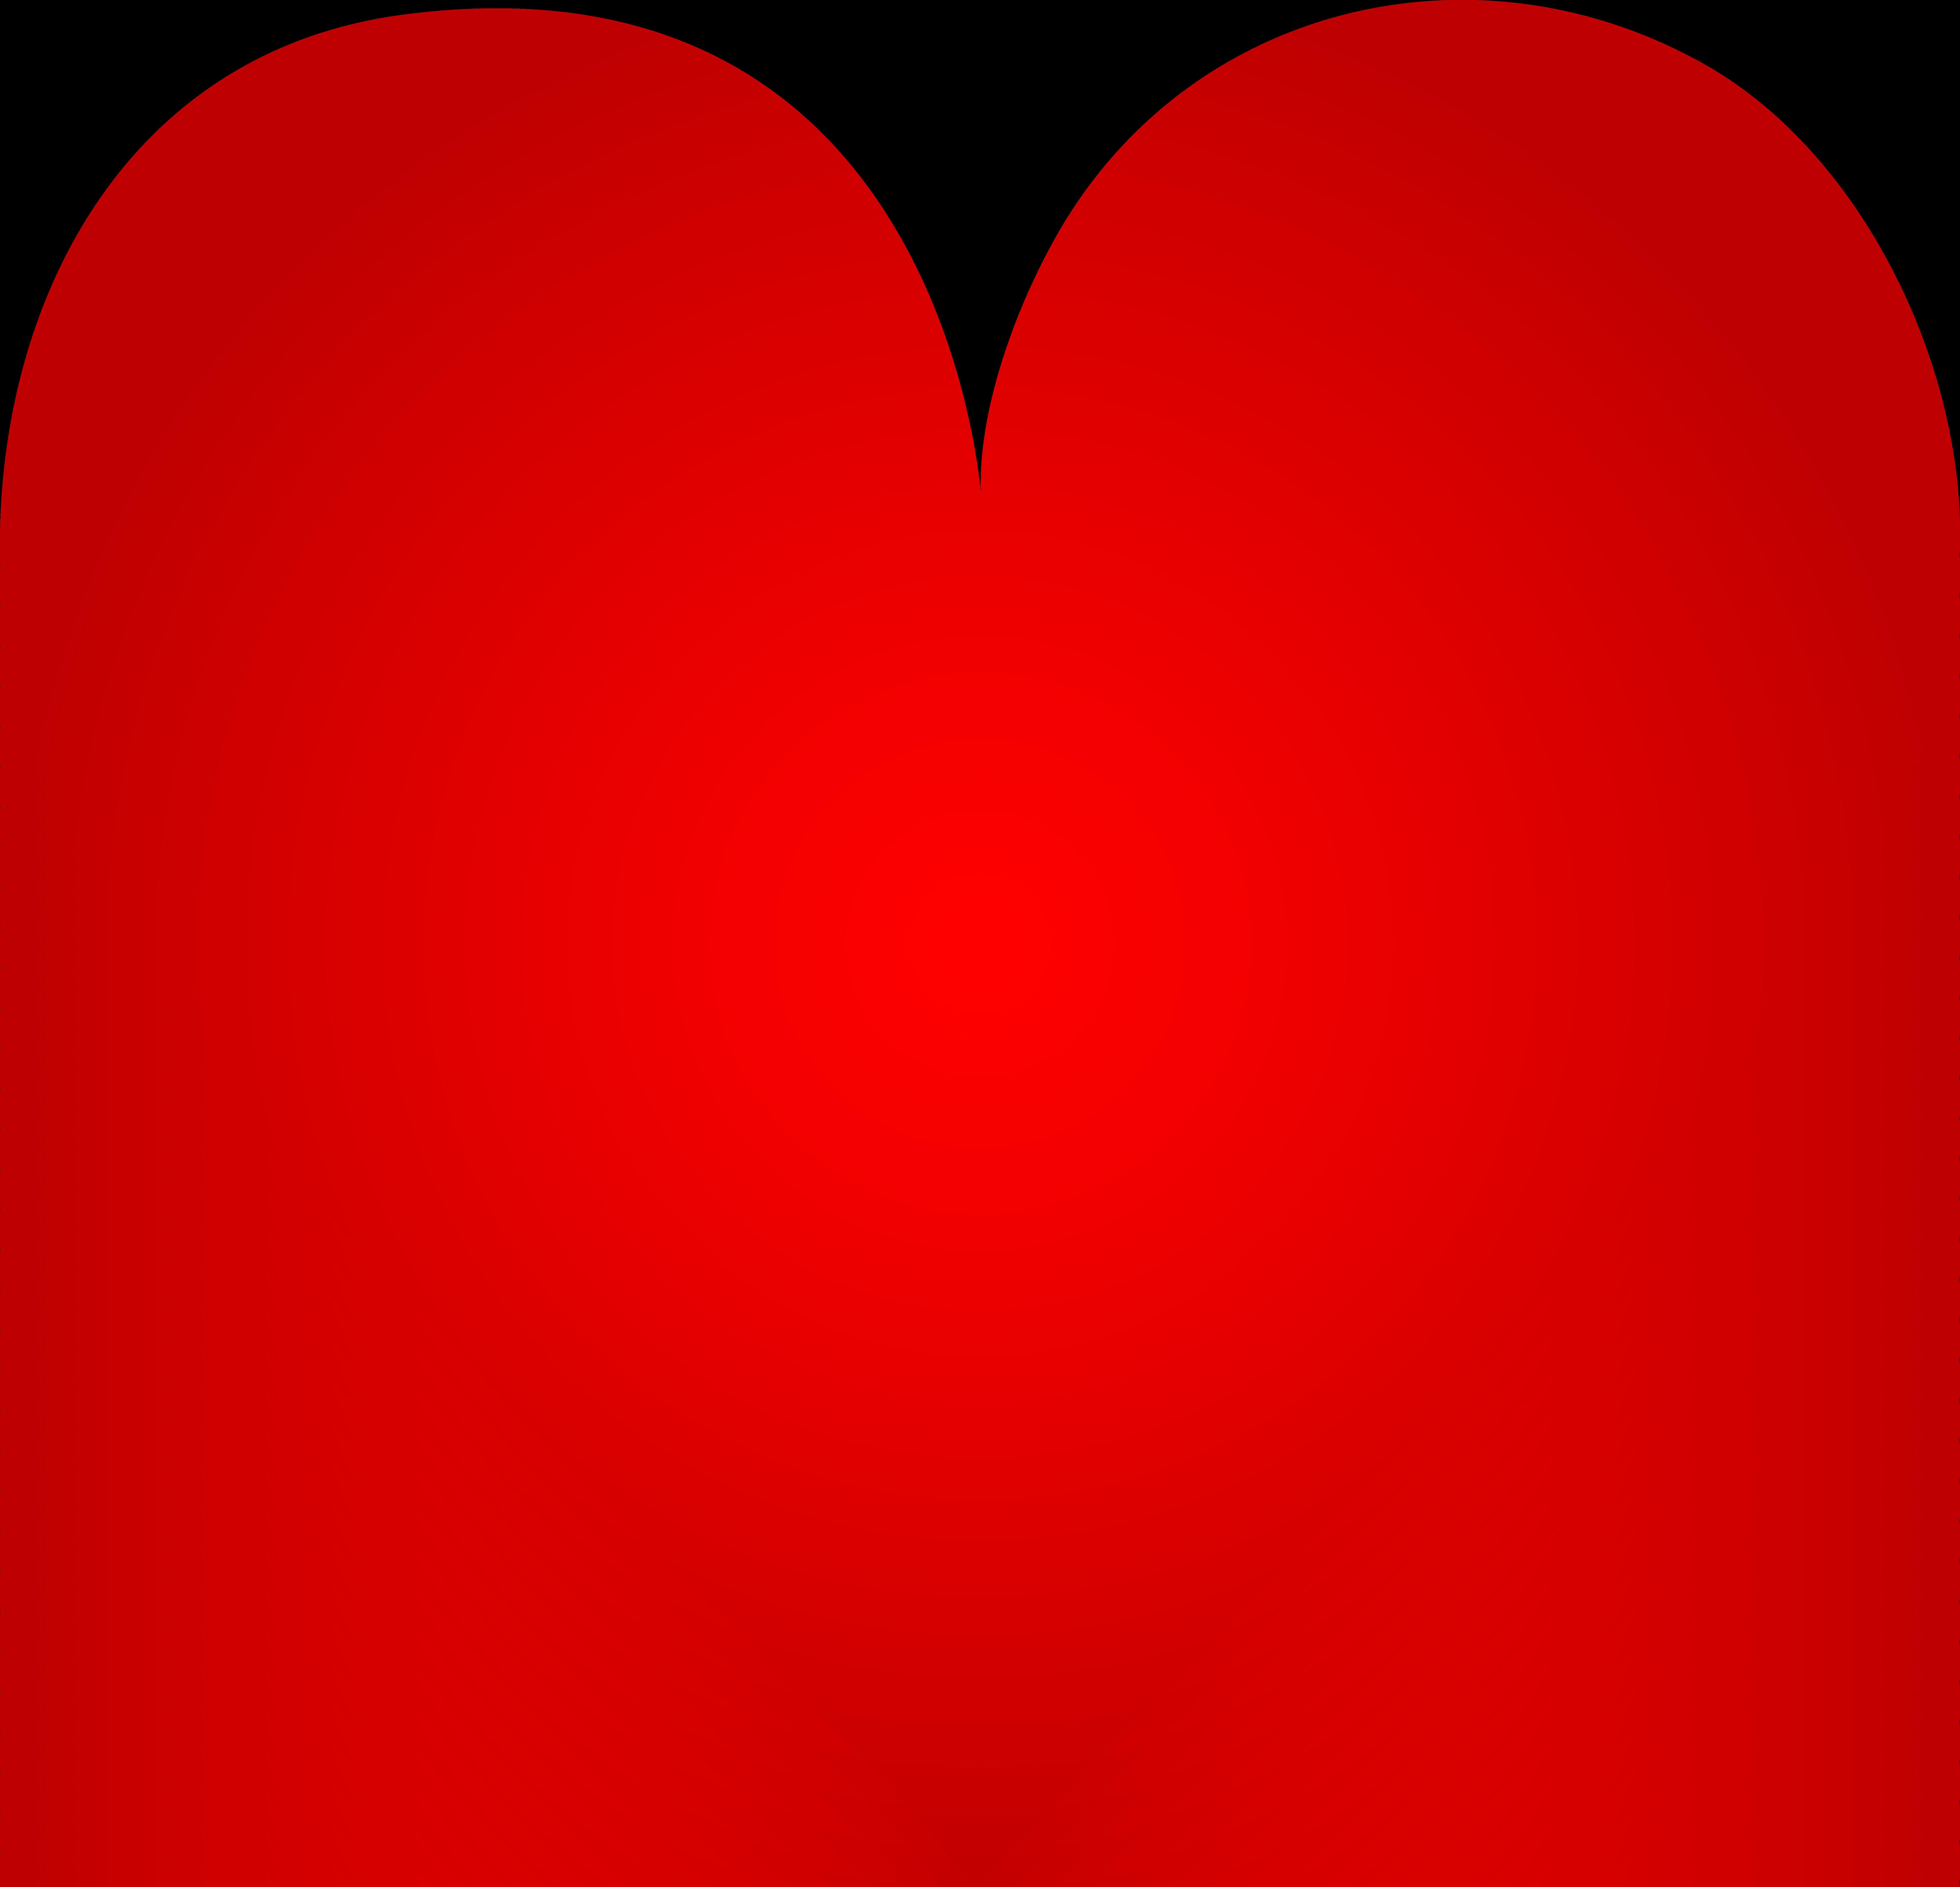 7989x7692 Big Red Heart Clip Art